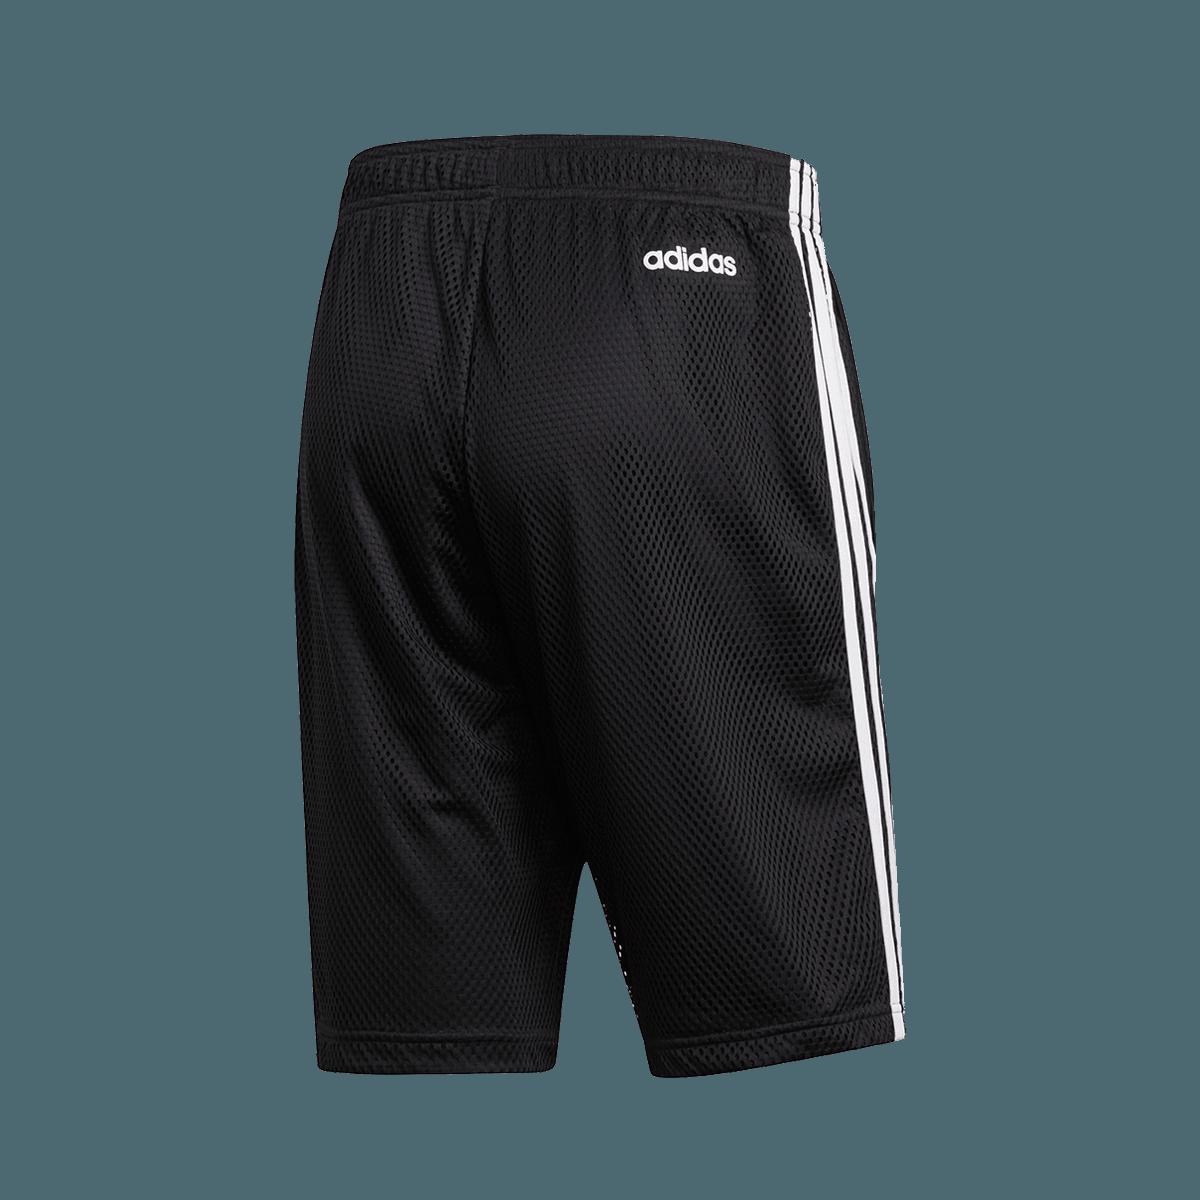 adidas Short Essentials 3S Mesh schwarzweiß